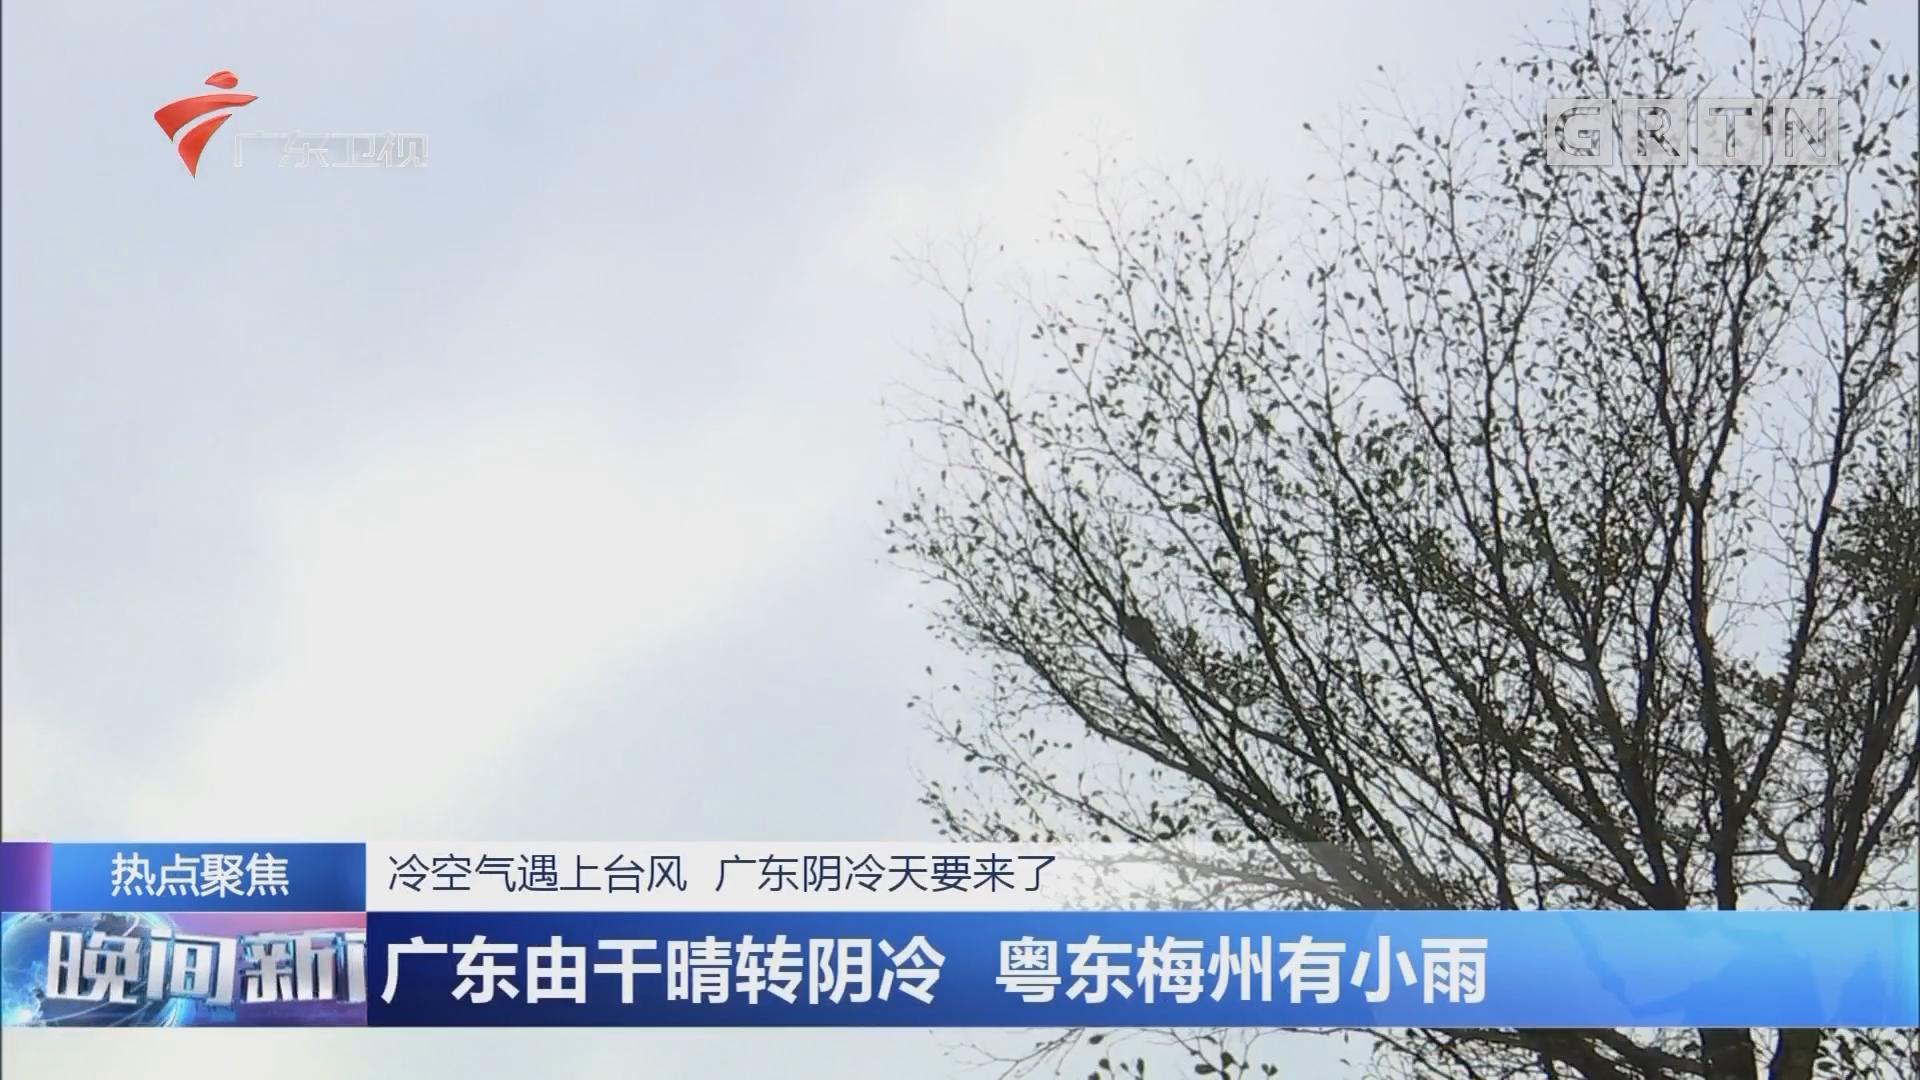 冷空气遇上台风 广东阴冷天要来了:广东由干晴转阴冷 粤东梅州有小雨